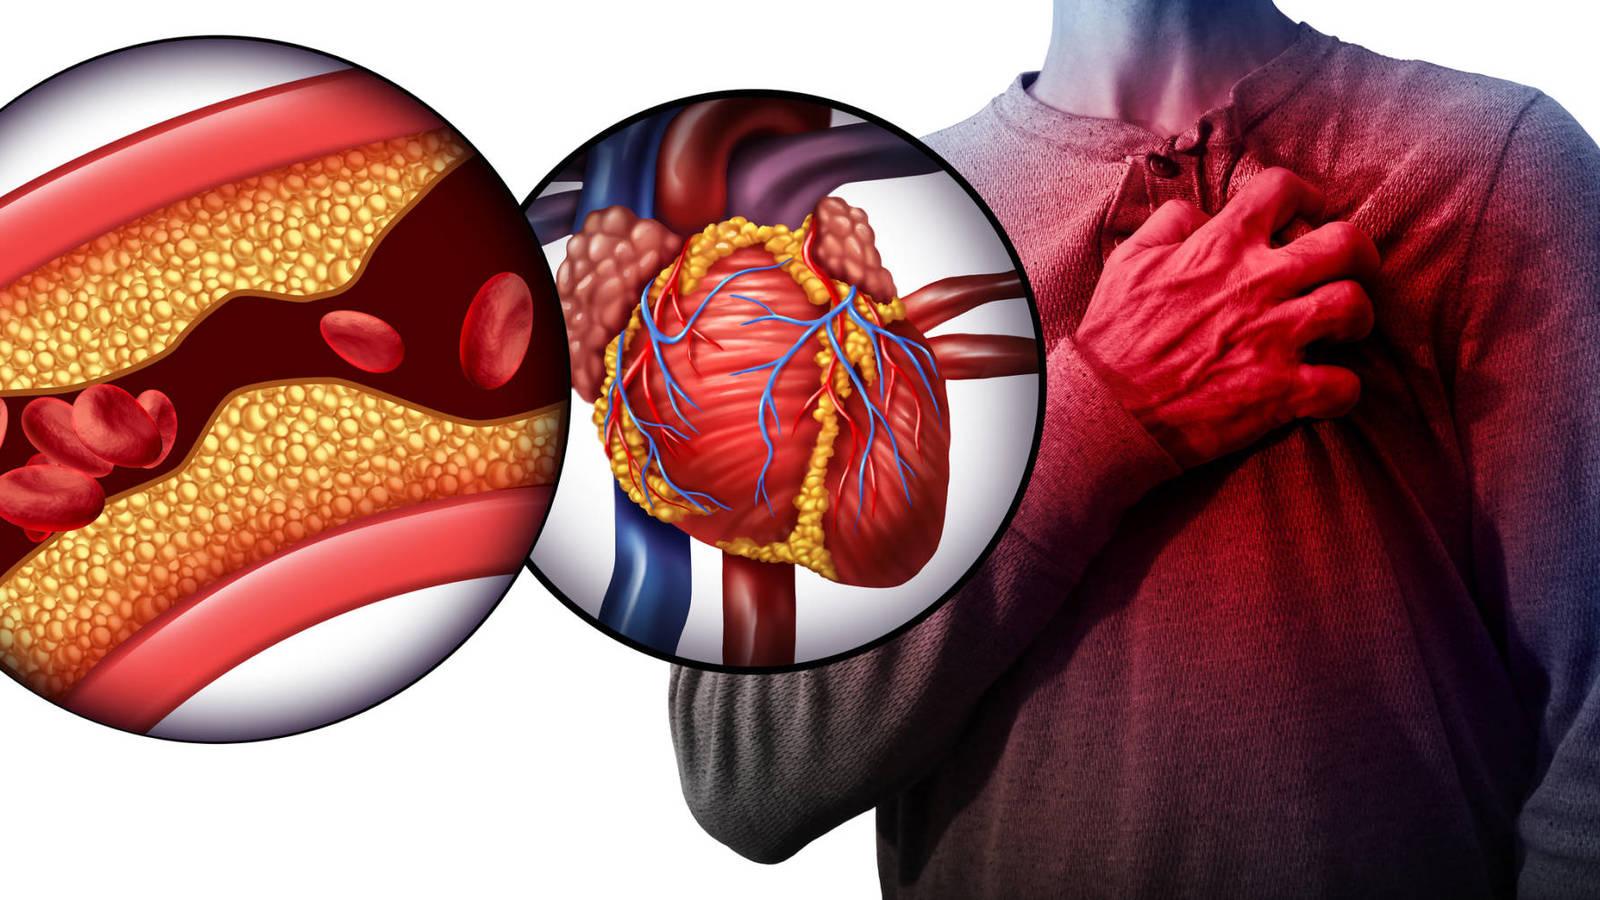 Colesterol complicaciones